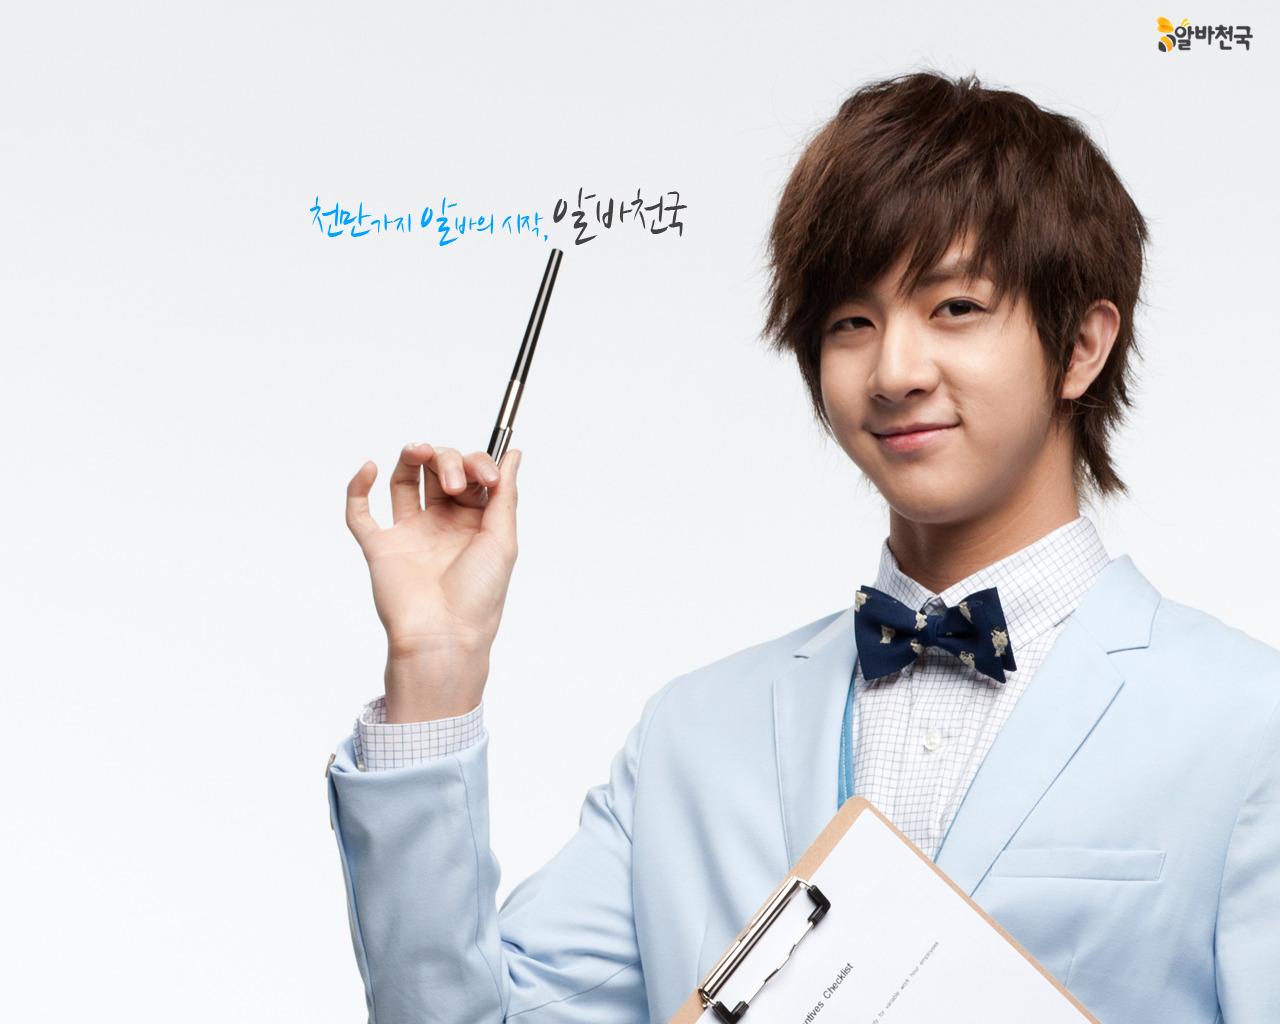 Kpop brave girls high heel pmv - 1 1